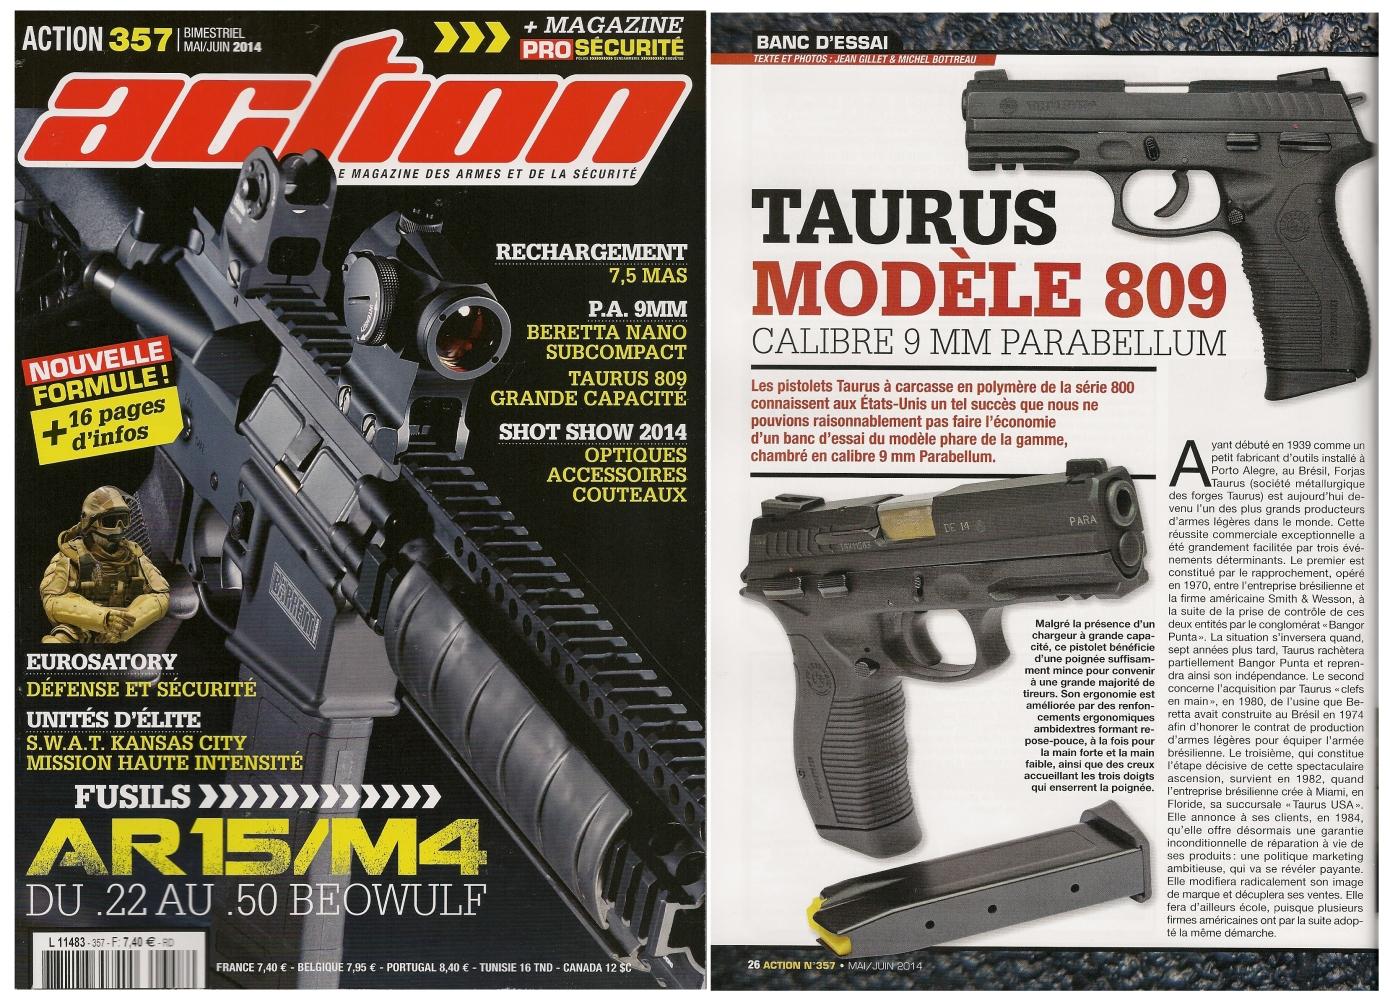 Le banc d'essai du pistolet Taurus PT809E a été publié sur 6 pages dans le magazine Action n°357 (mai-juin 2014)